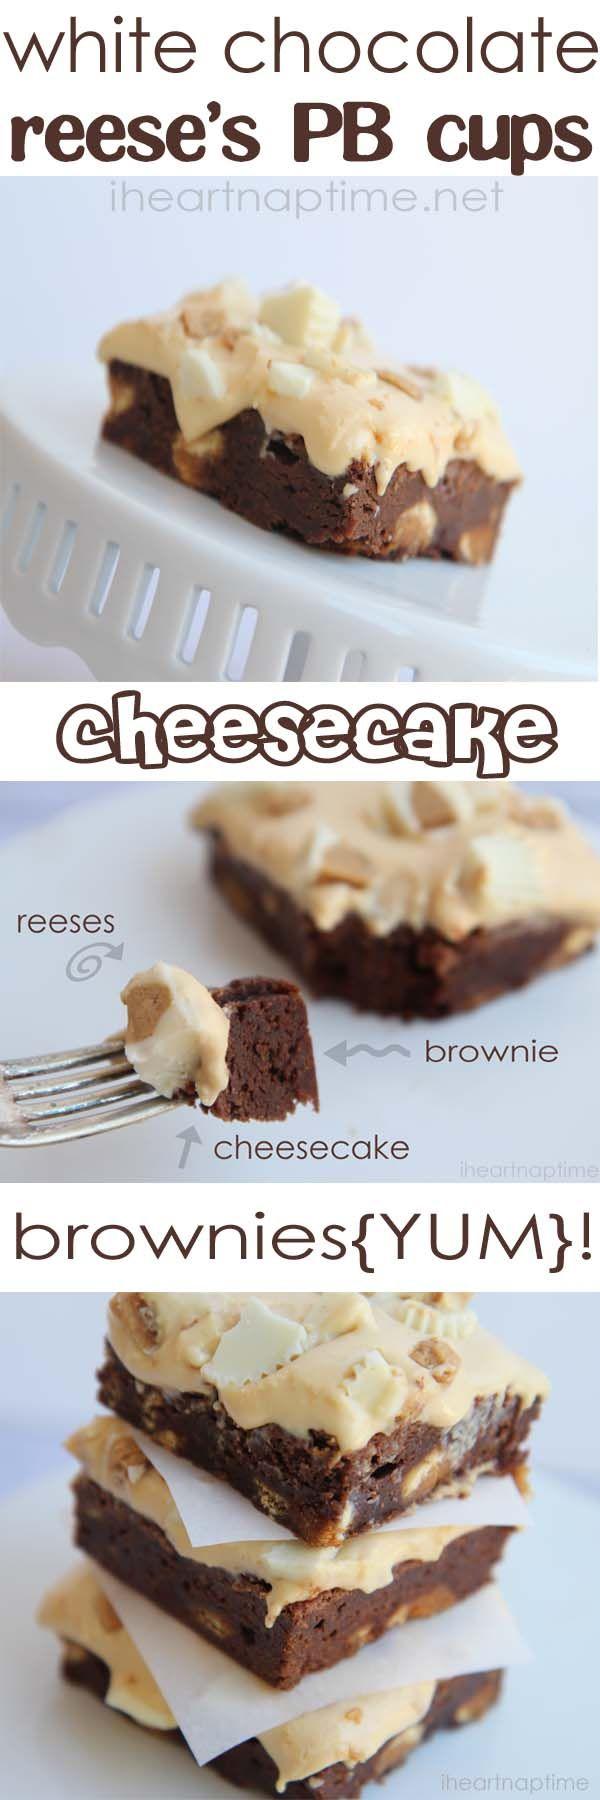 white chocolate...peanut butter...cheesecake... brownies!! YUM!